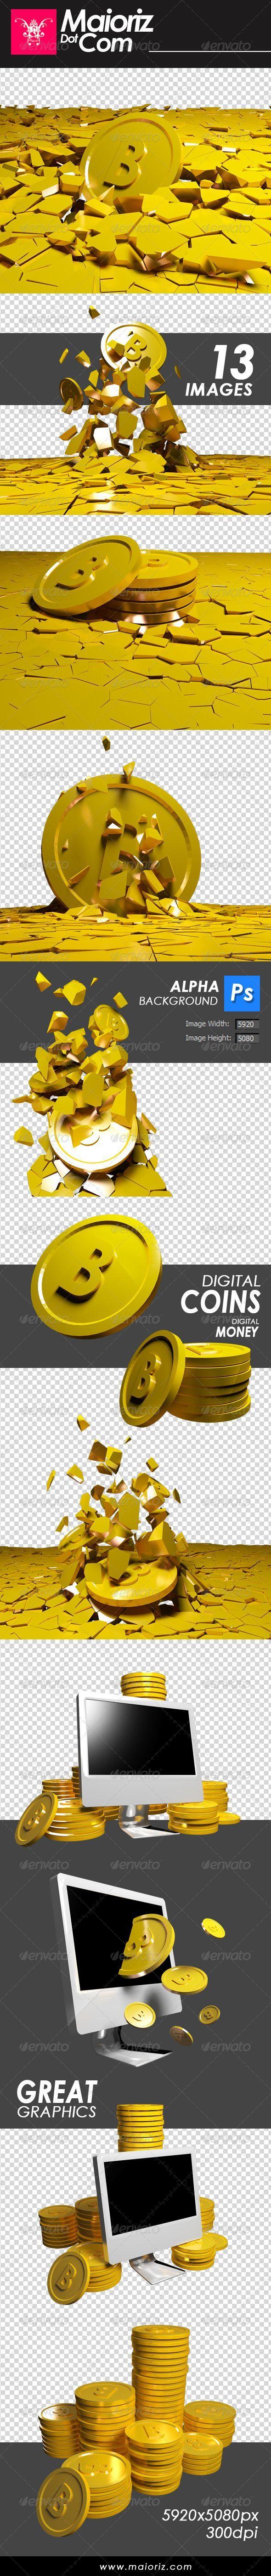 Bit Coins Render